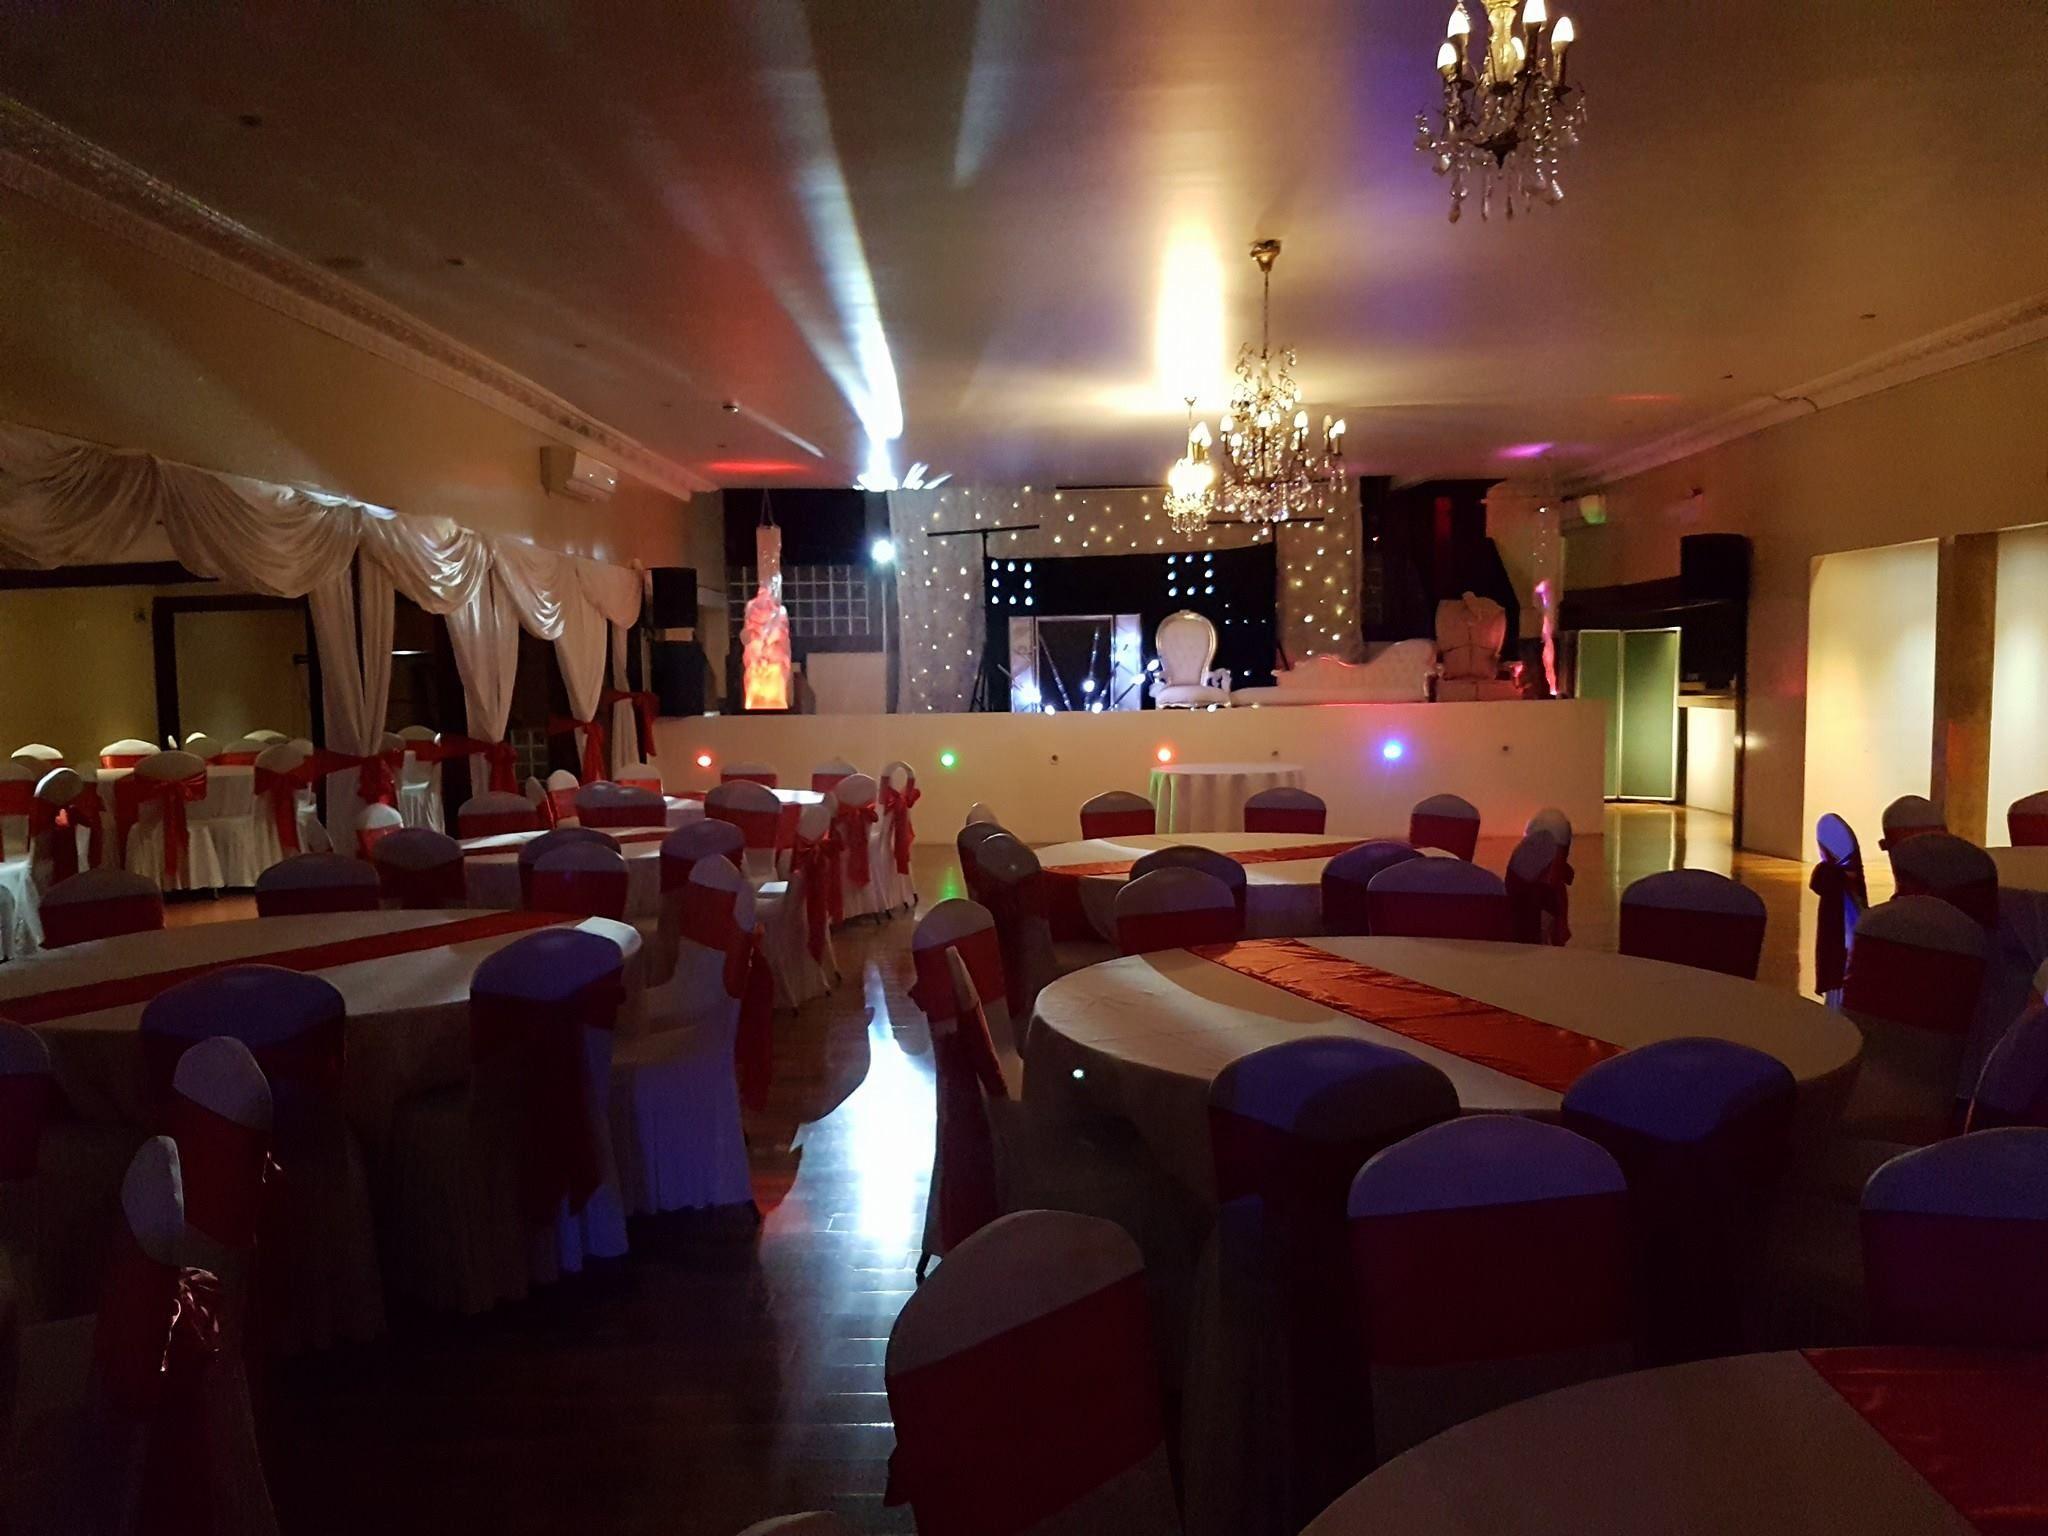 Wedding Reception Venue In City Of London Venue London Wedding